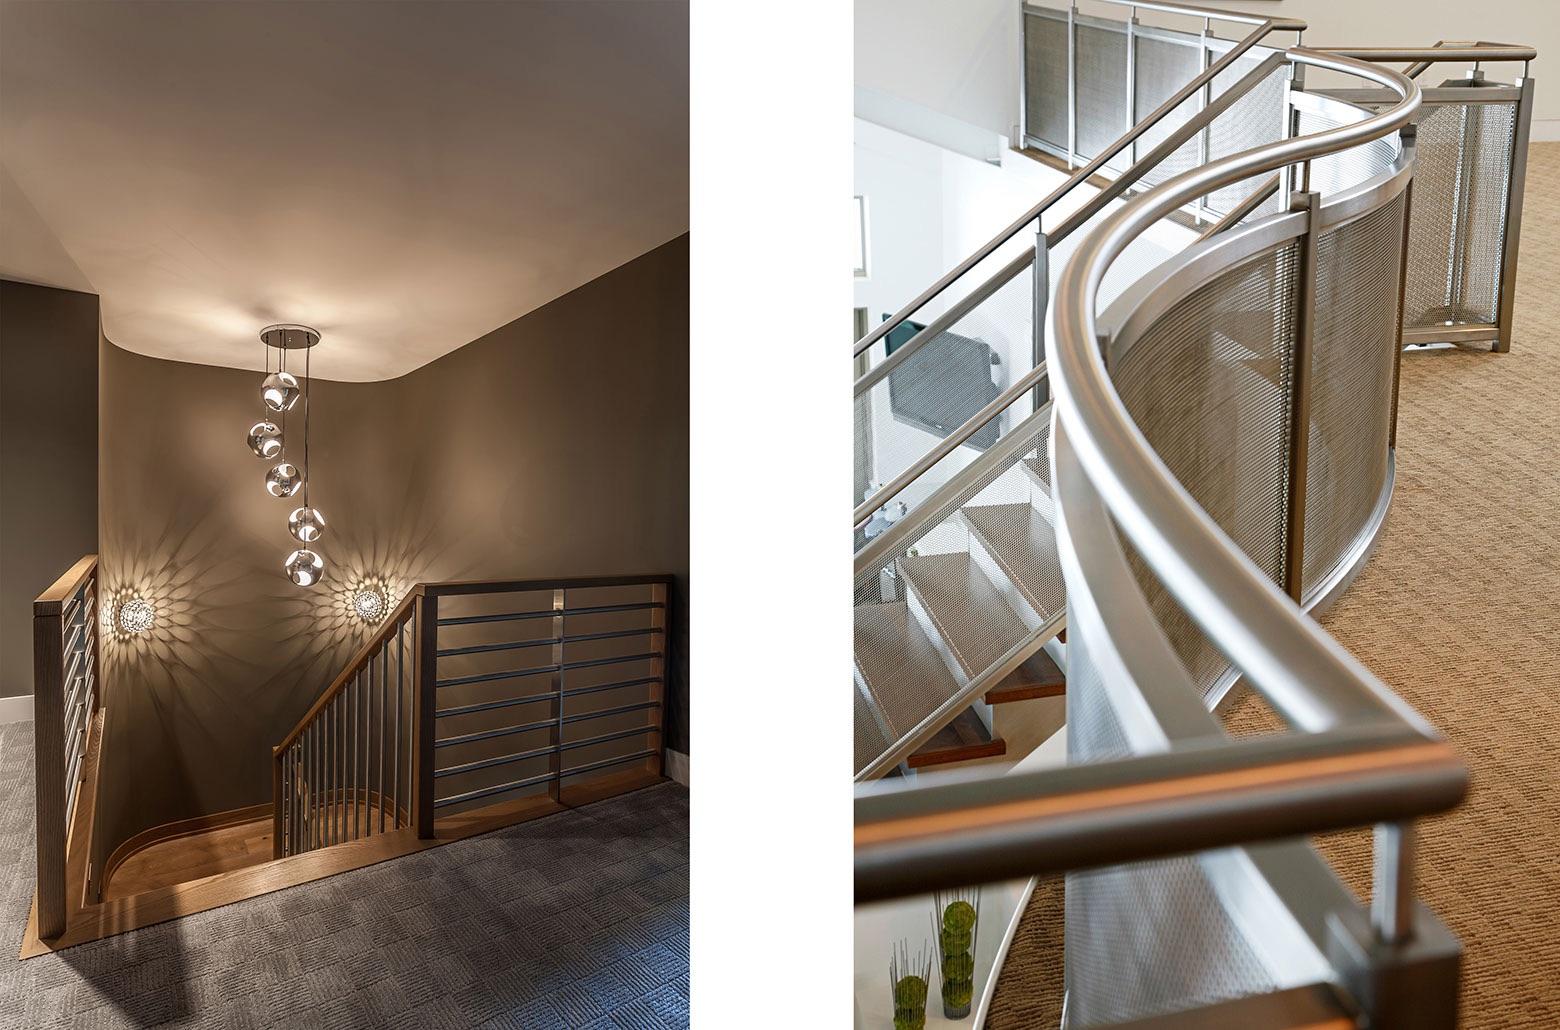 stairway railings